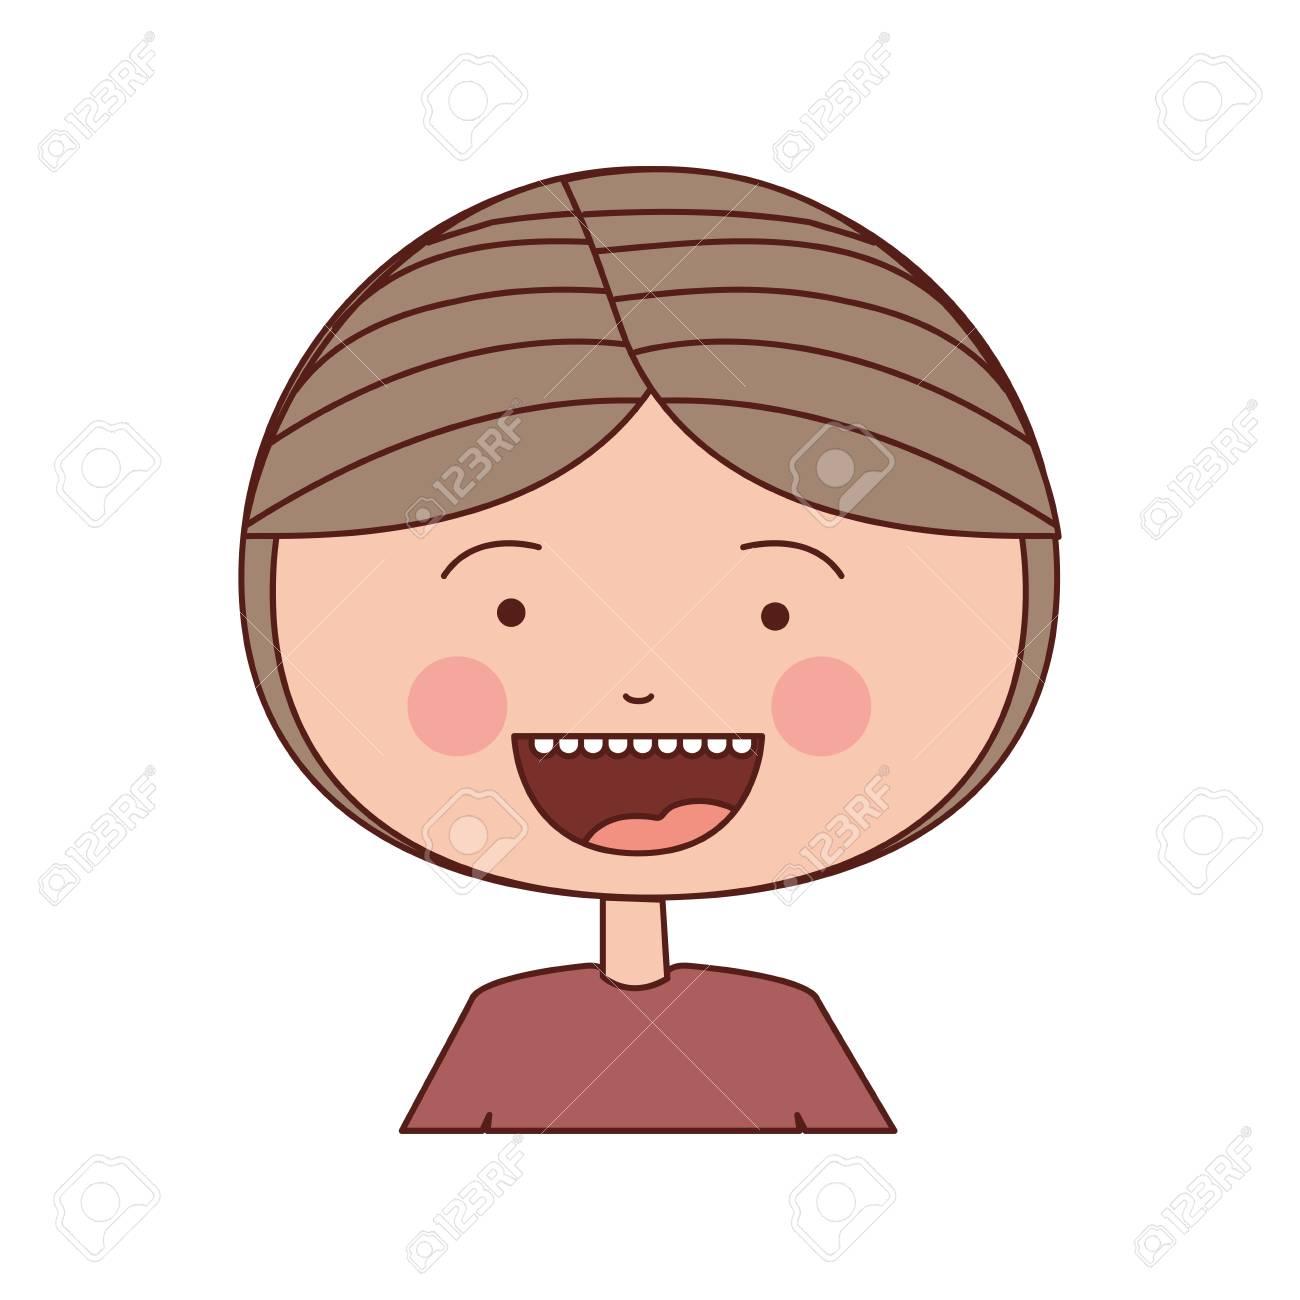 Vettoriale colore sagoma sorriso espressione cartone animato